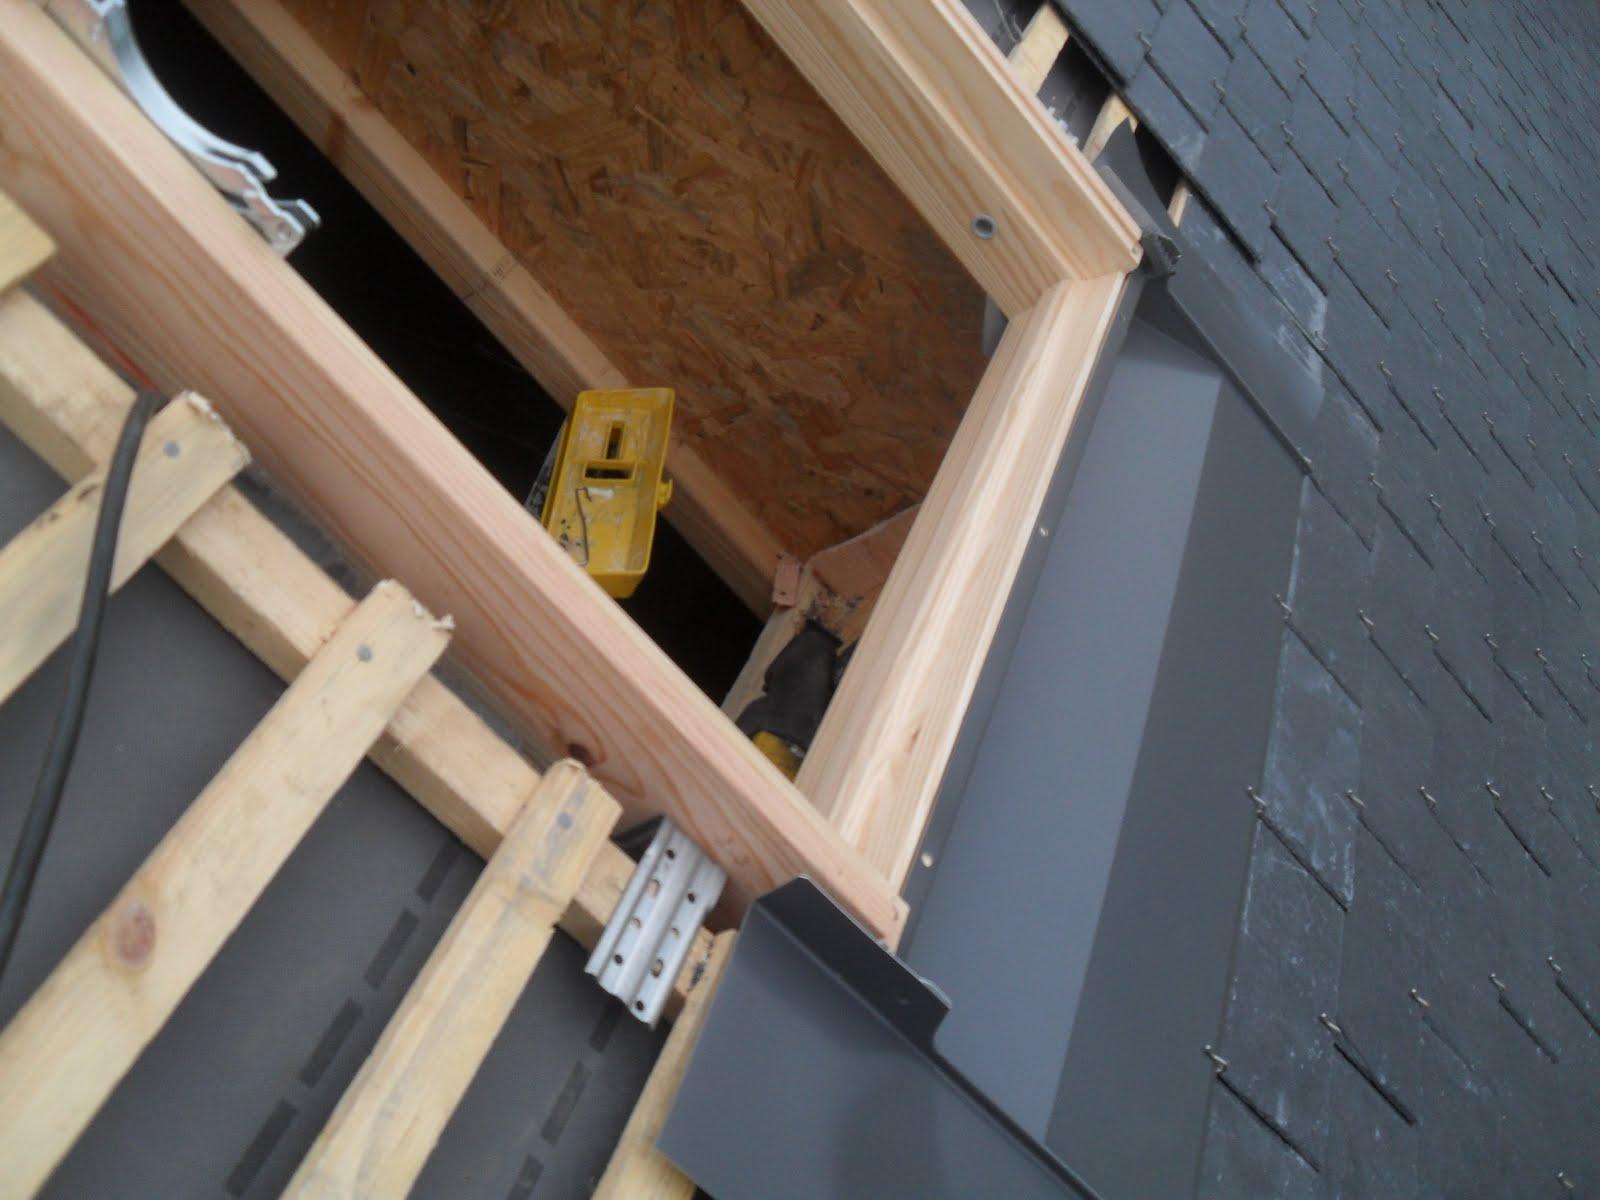 paille aux perques 29 janvier 2011 premier velux solin de chemin e. Black Bedroom Furniture Sets. Home Design Ideas